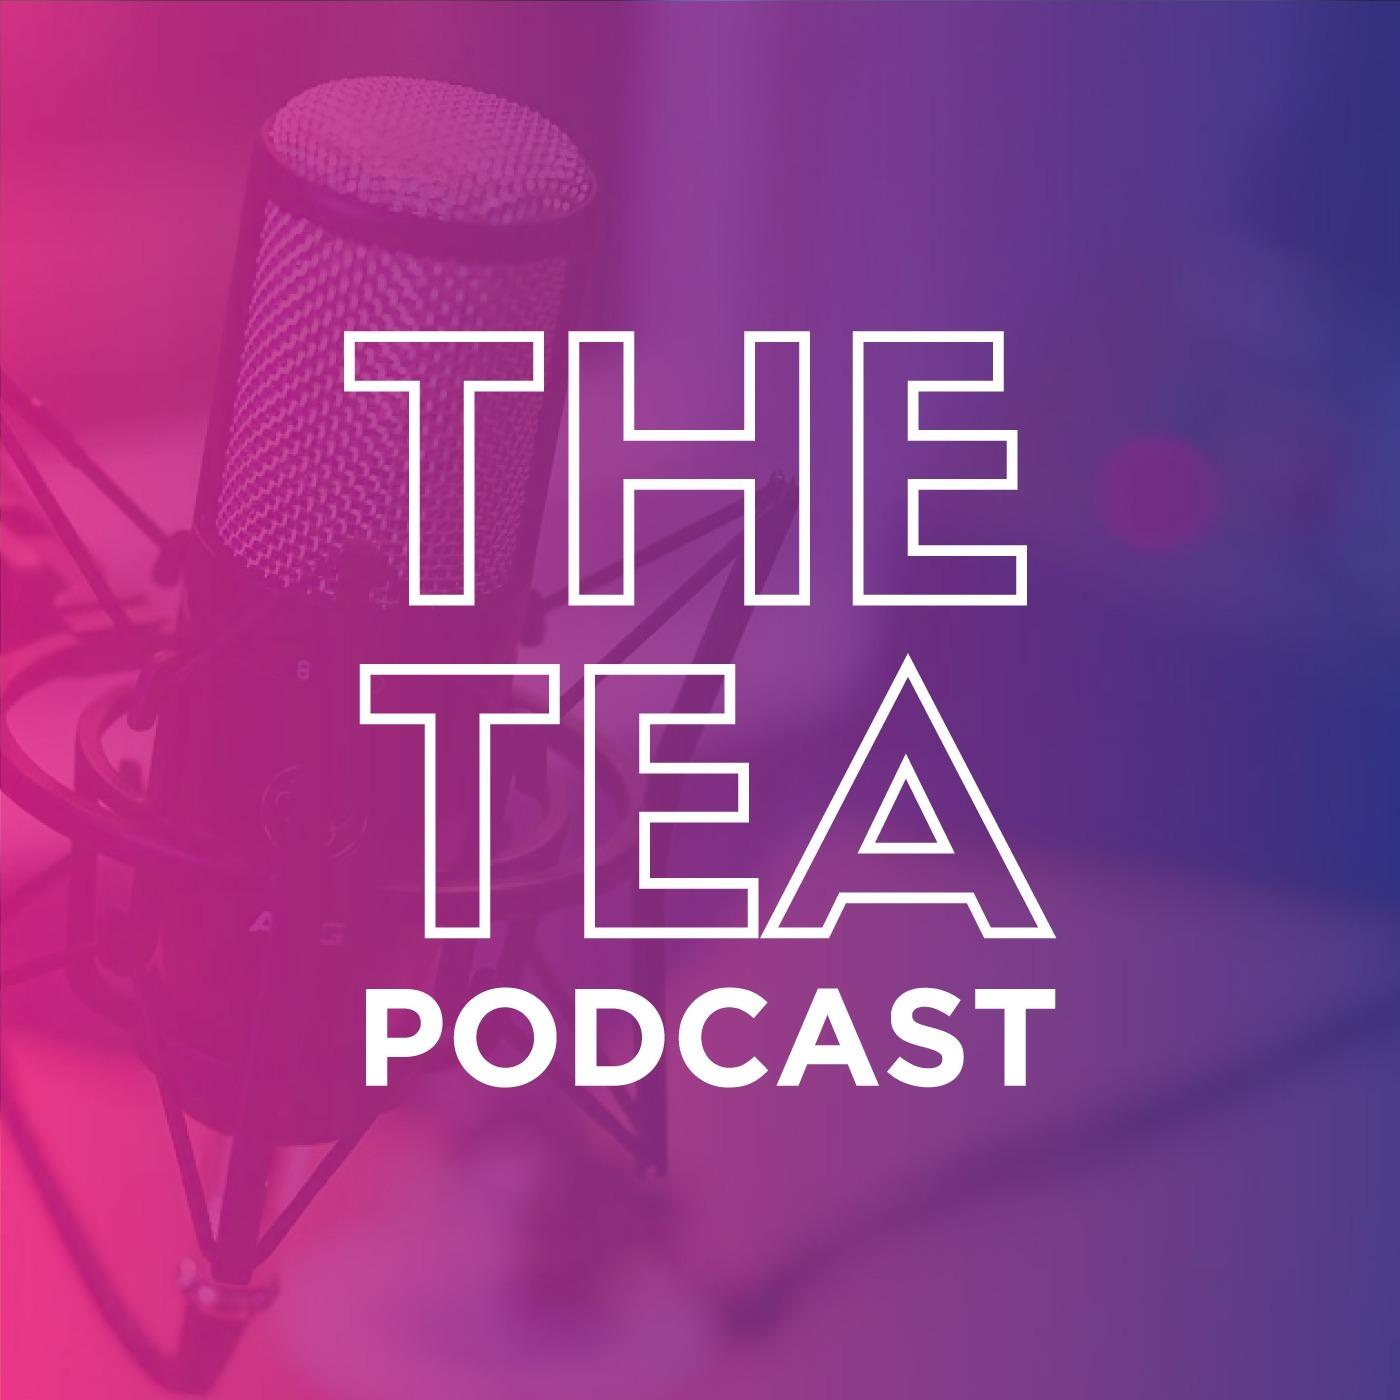 The Tea Podcast